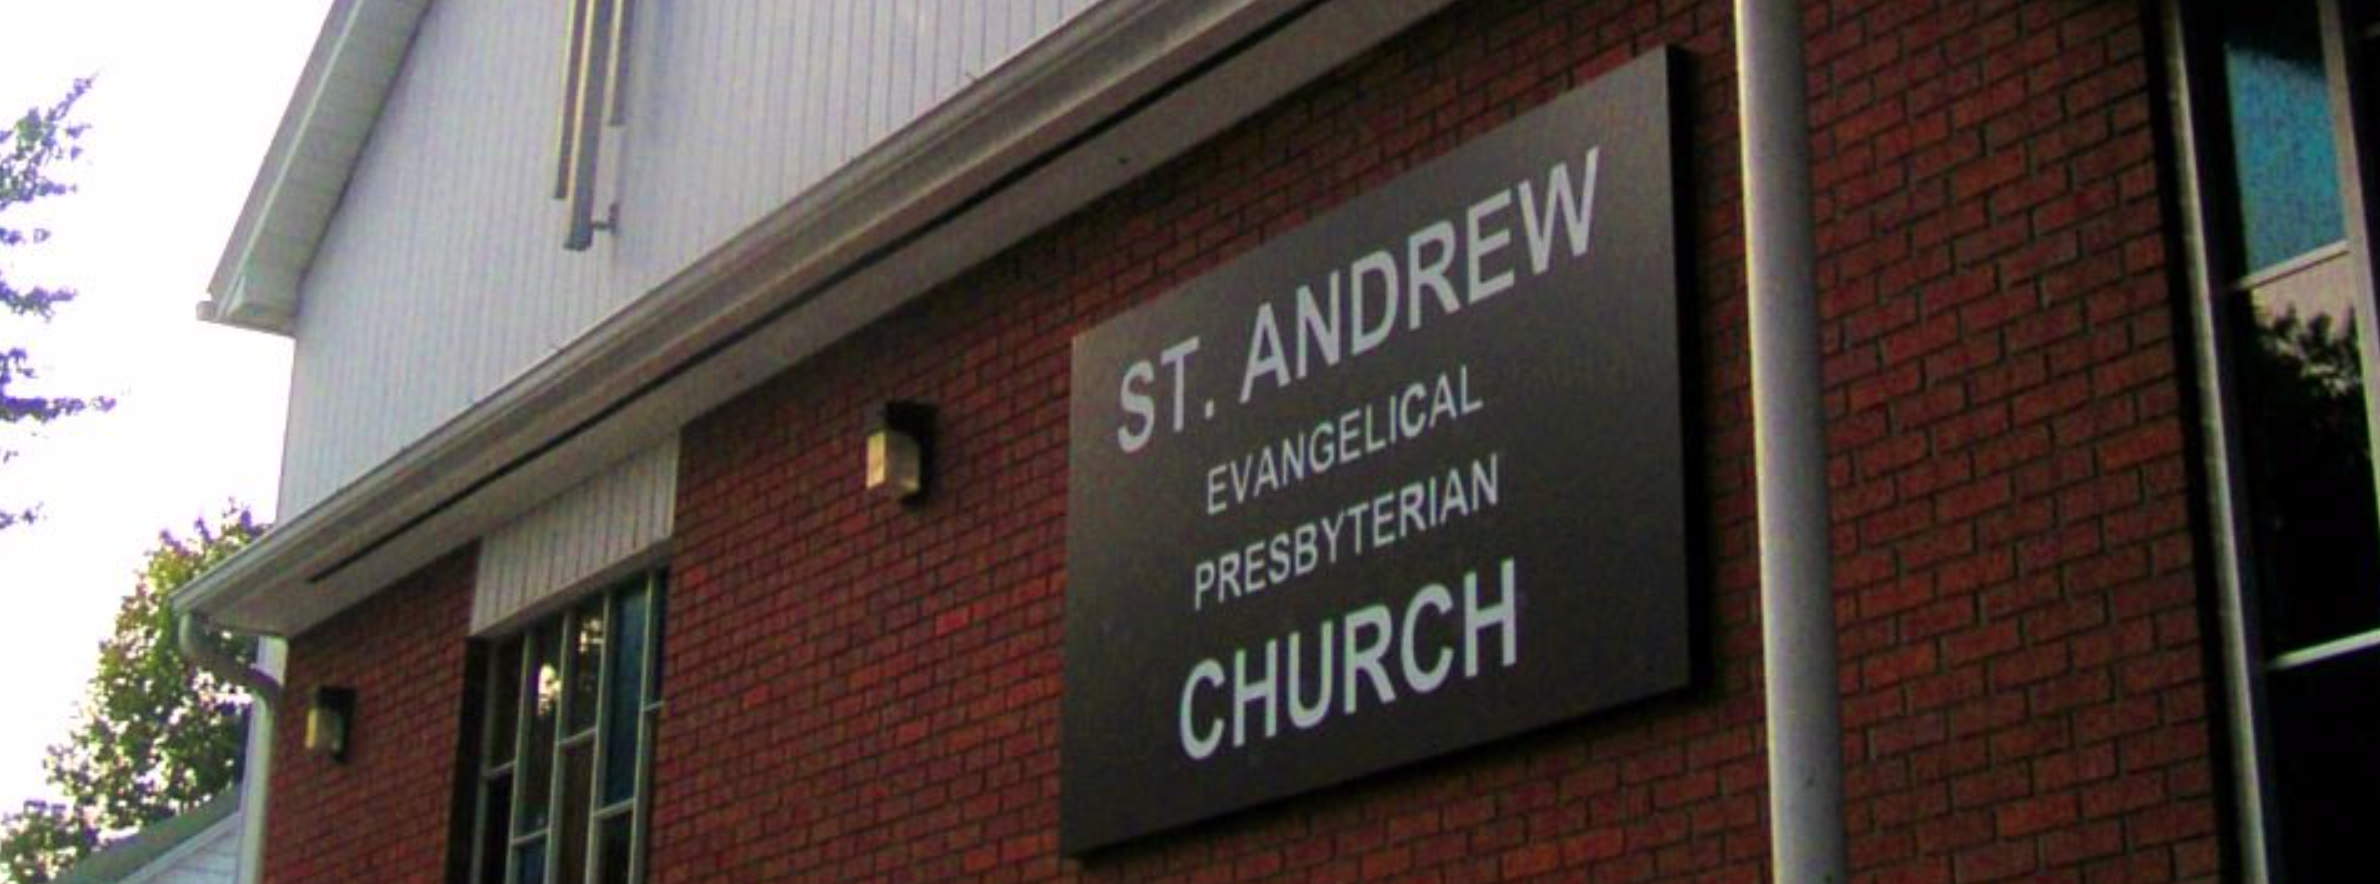 St Andrew EPC